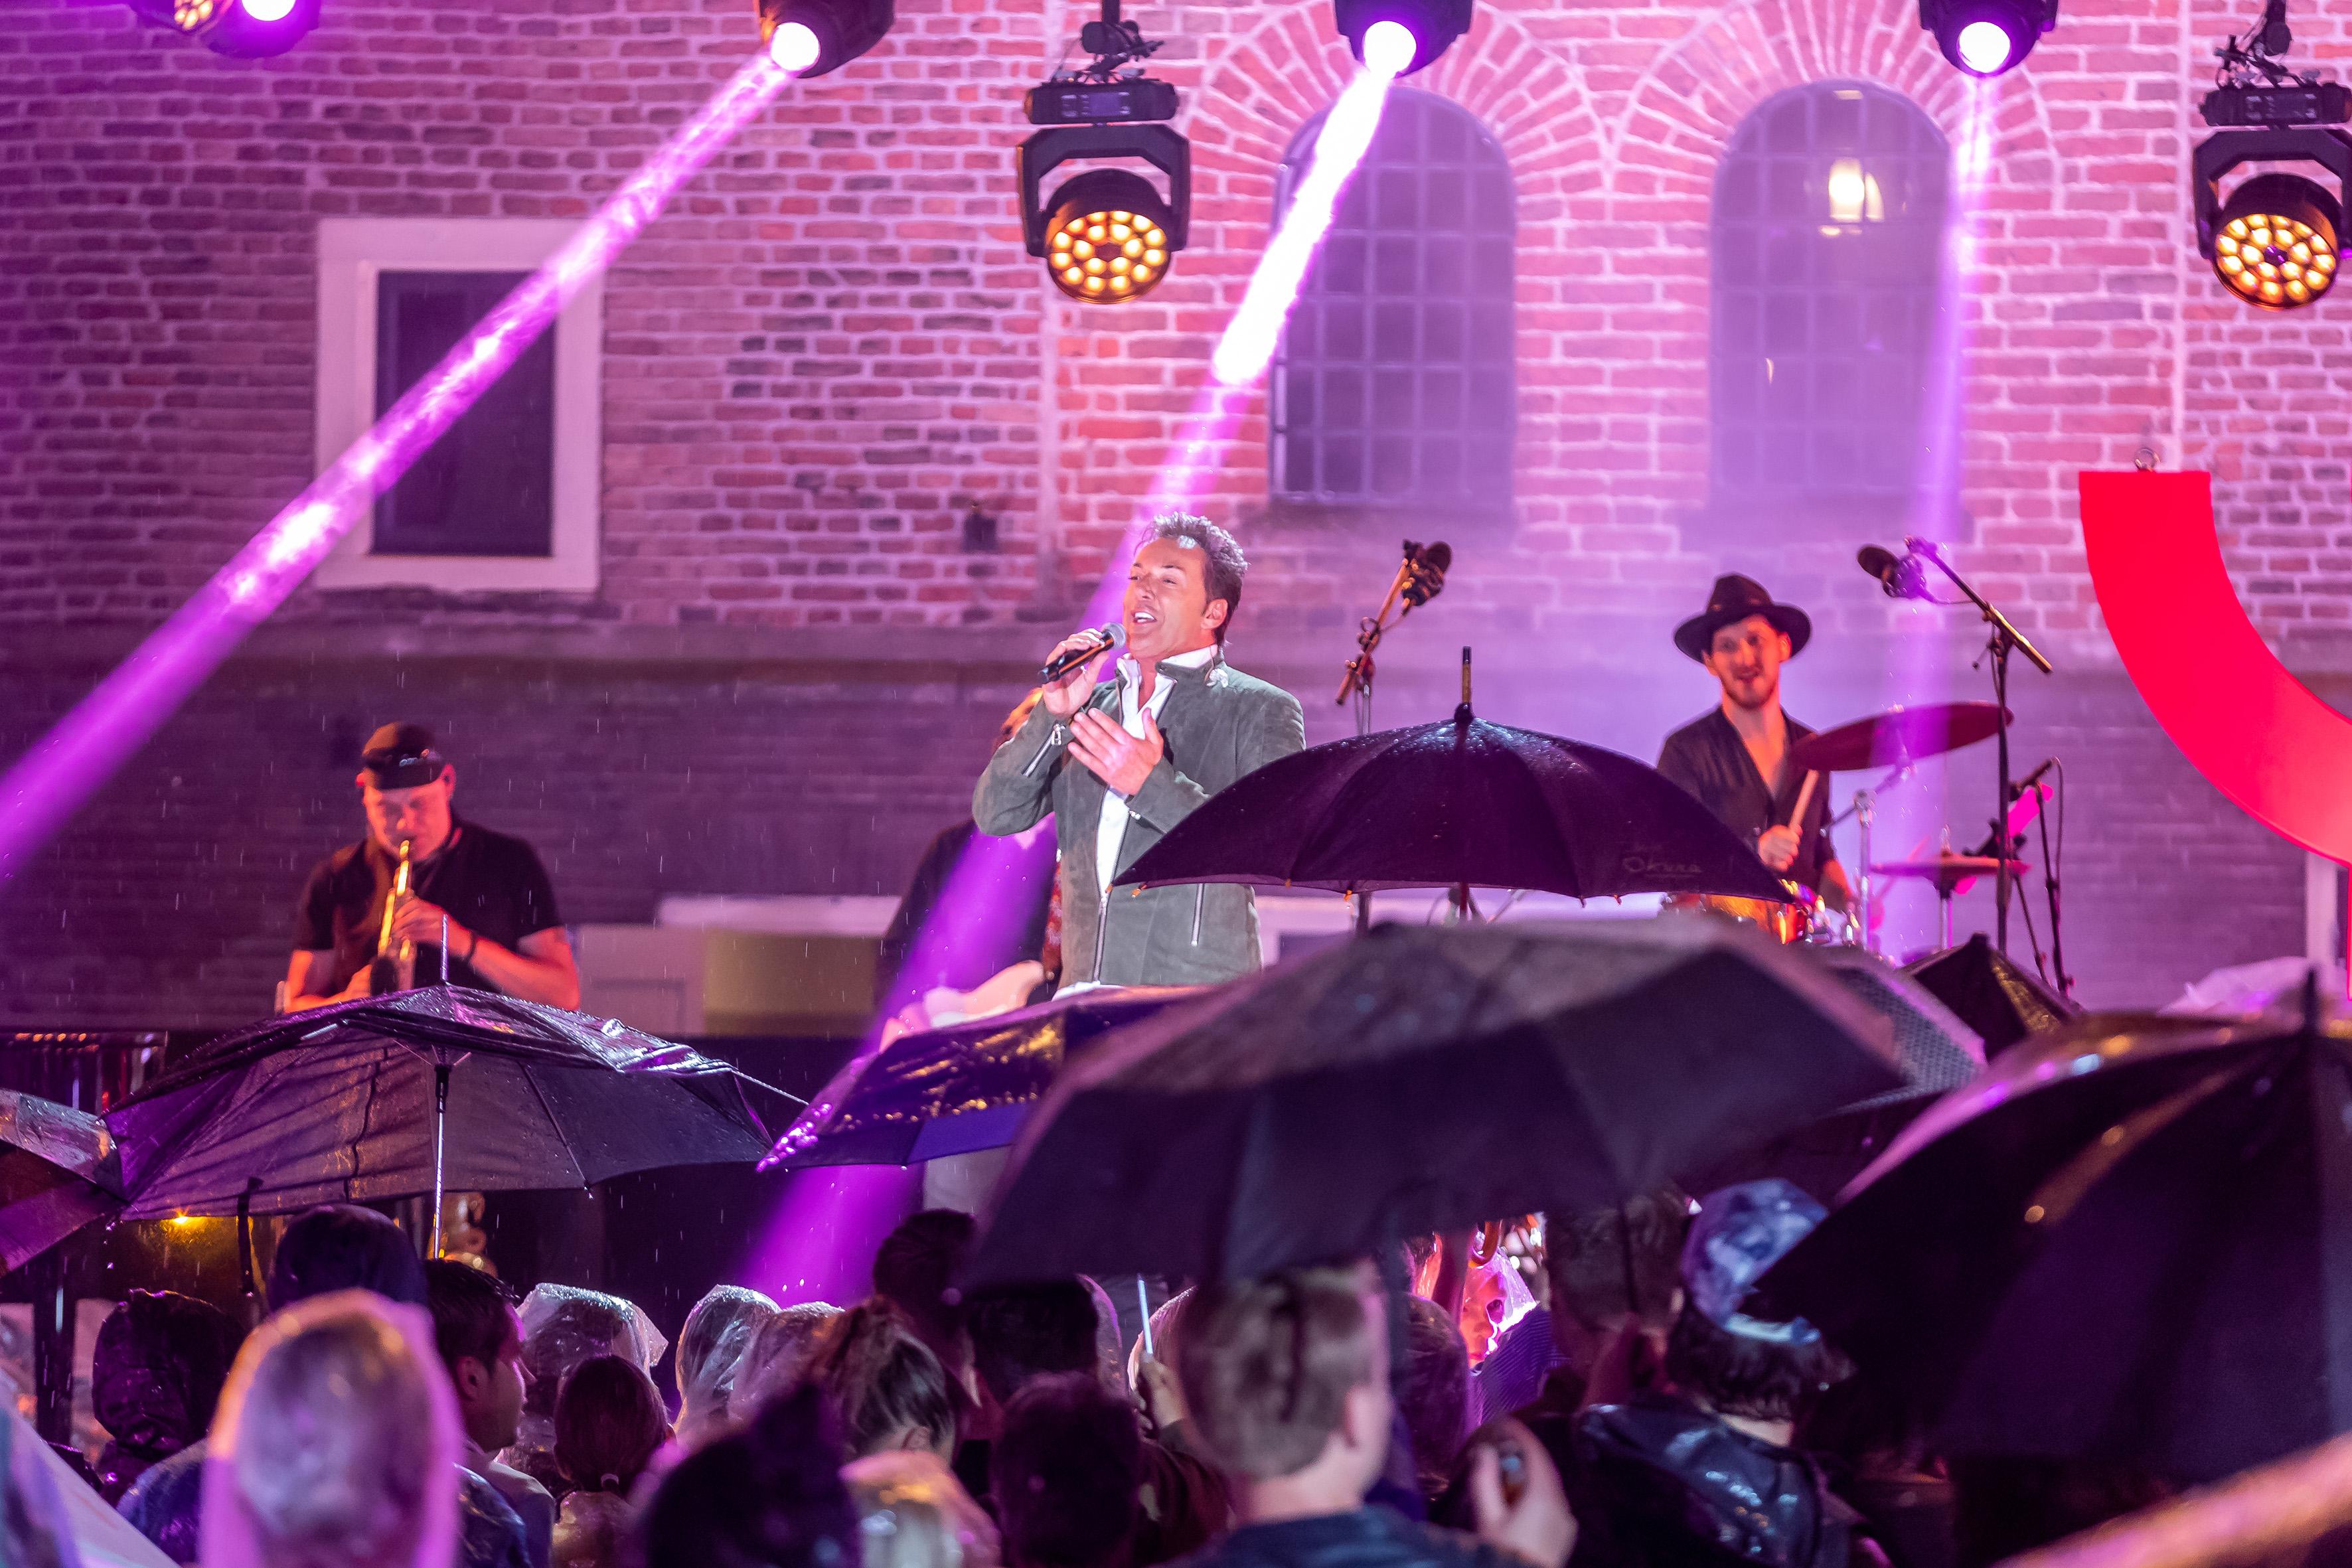 Boven de paraplu's treedt Gerard Joling op in 'Nederland staat op tegen kanker'. (Foto: Ed vd Pol)